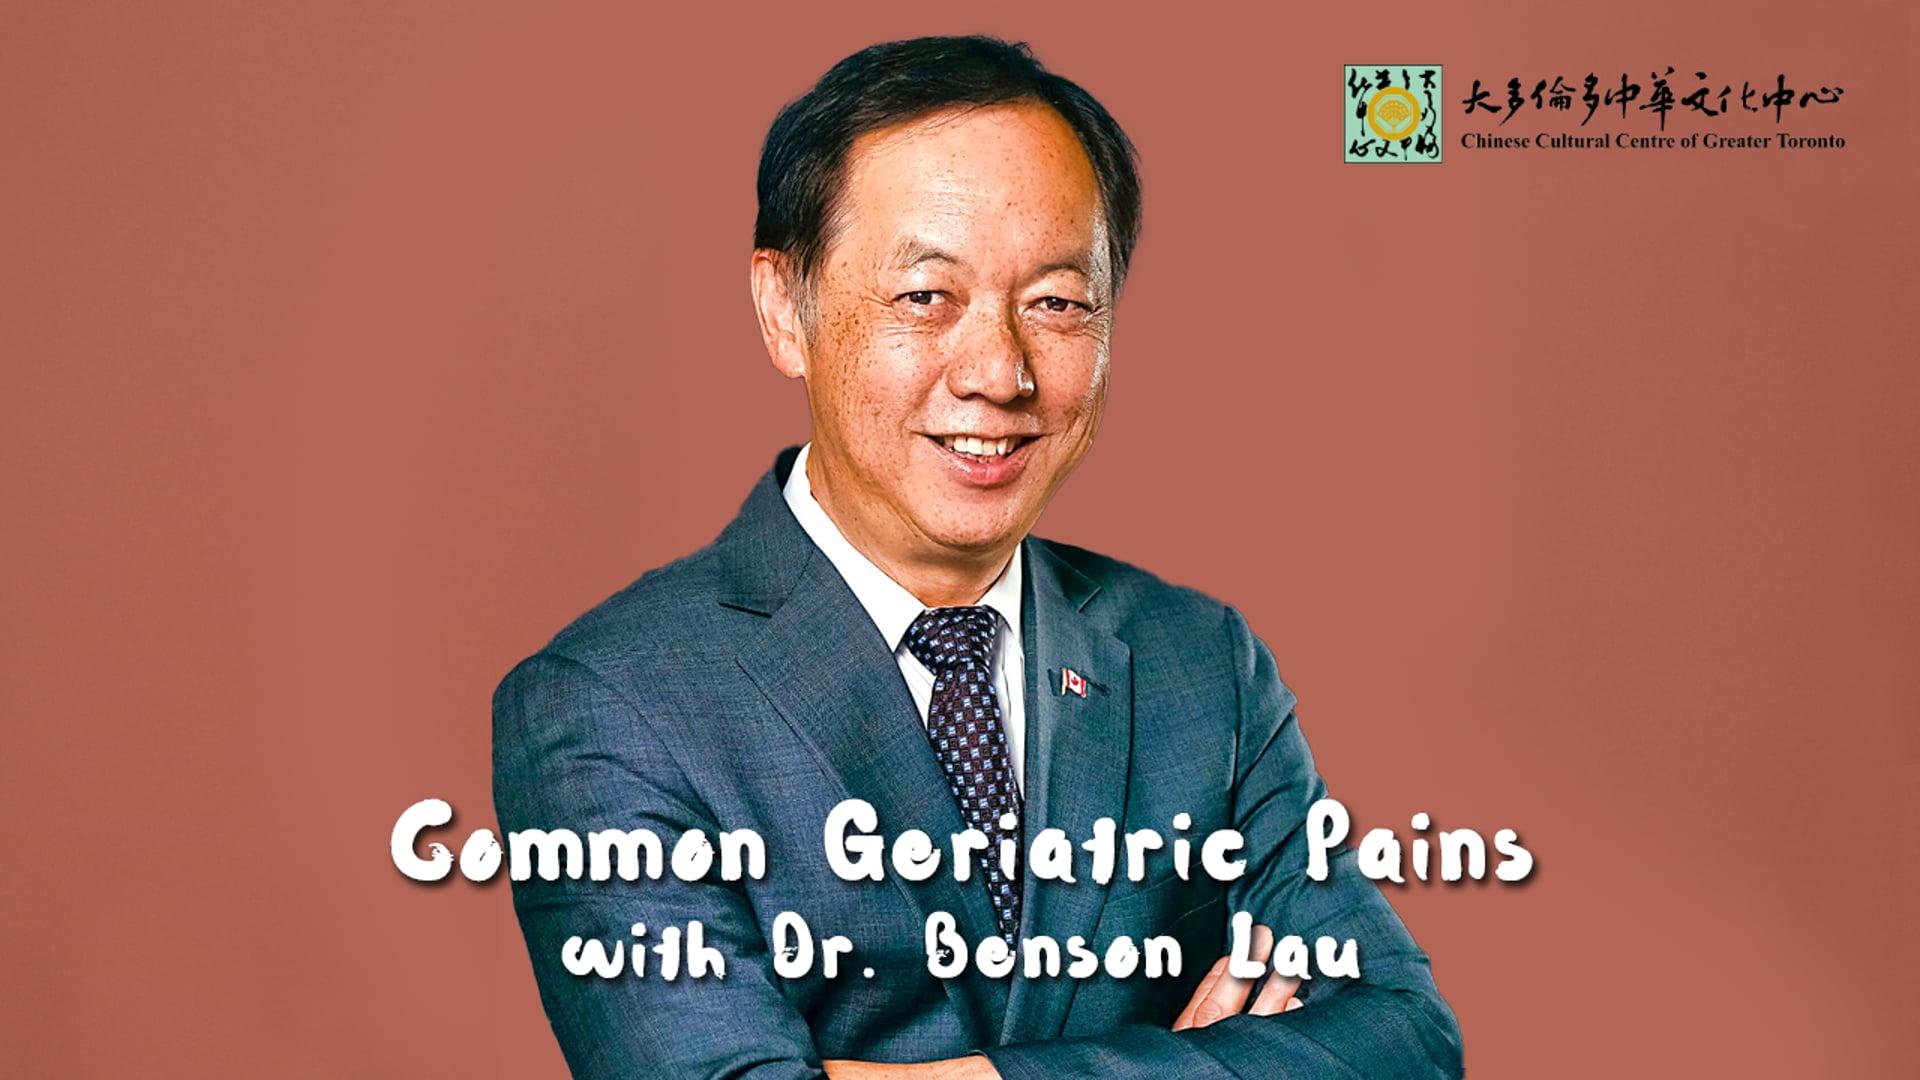 Common Geriatric Pains - Dr. Benson Lau | CCC Connect